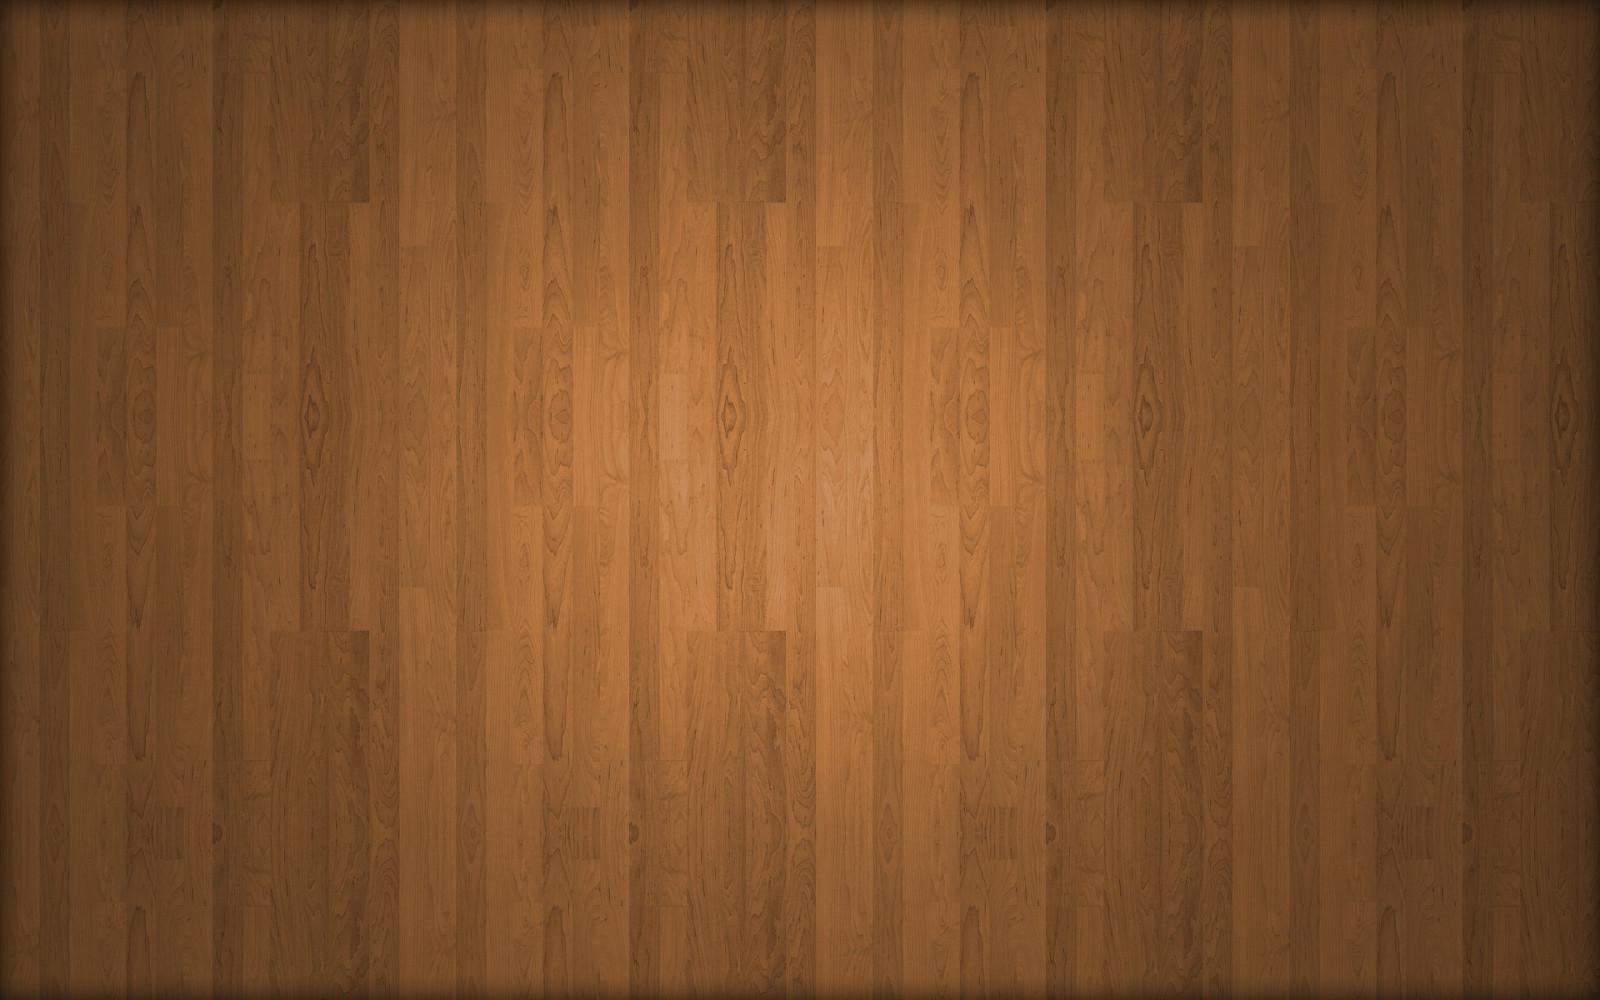 배경 화면 : 간단한 배경, 벽, 조직, 문, 견목, 가구, 합판 ...